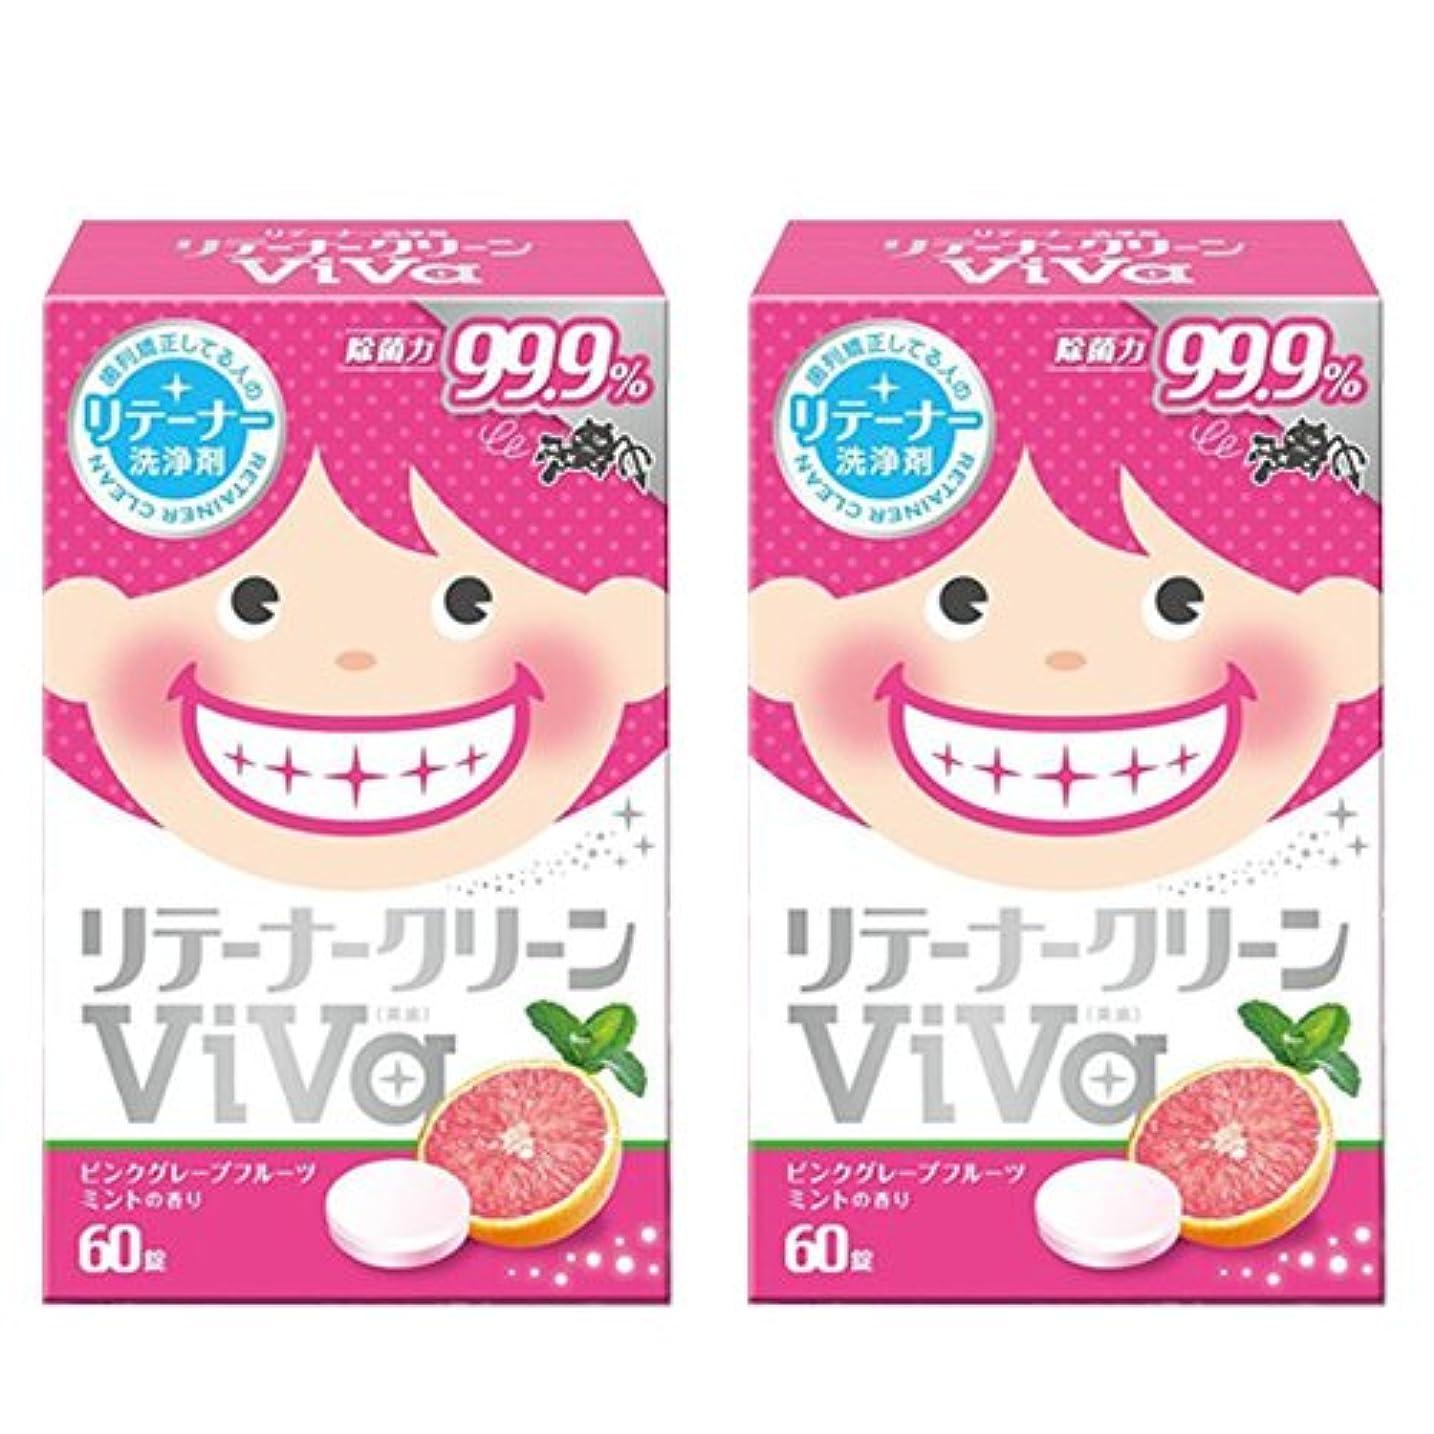 キャプテンプール未払いリテーナークリーン ViVa 60錠 歯列矯正している人のリテーナー洗浄剤 (2箱)